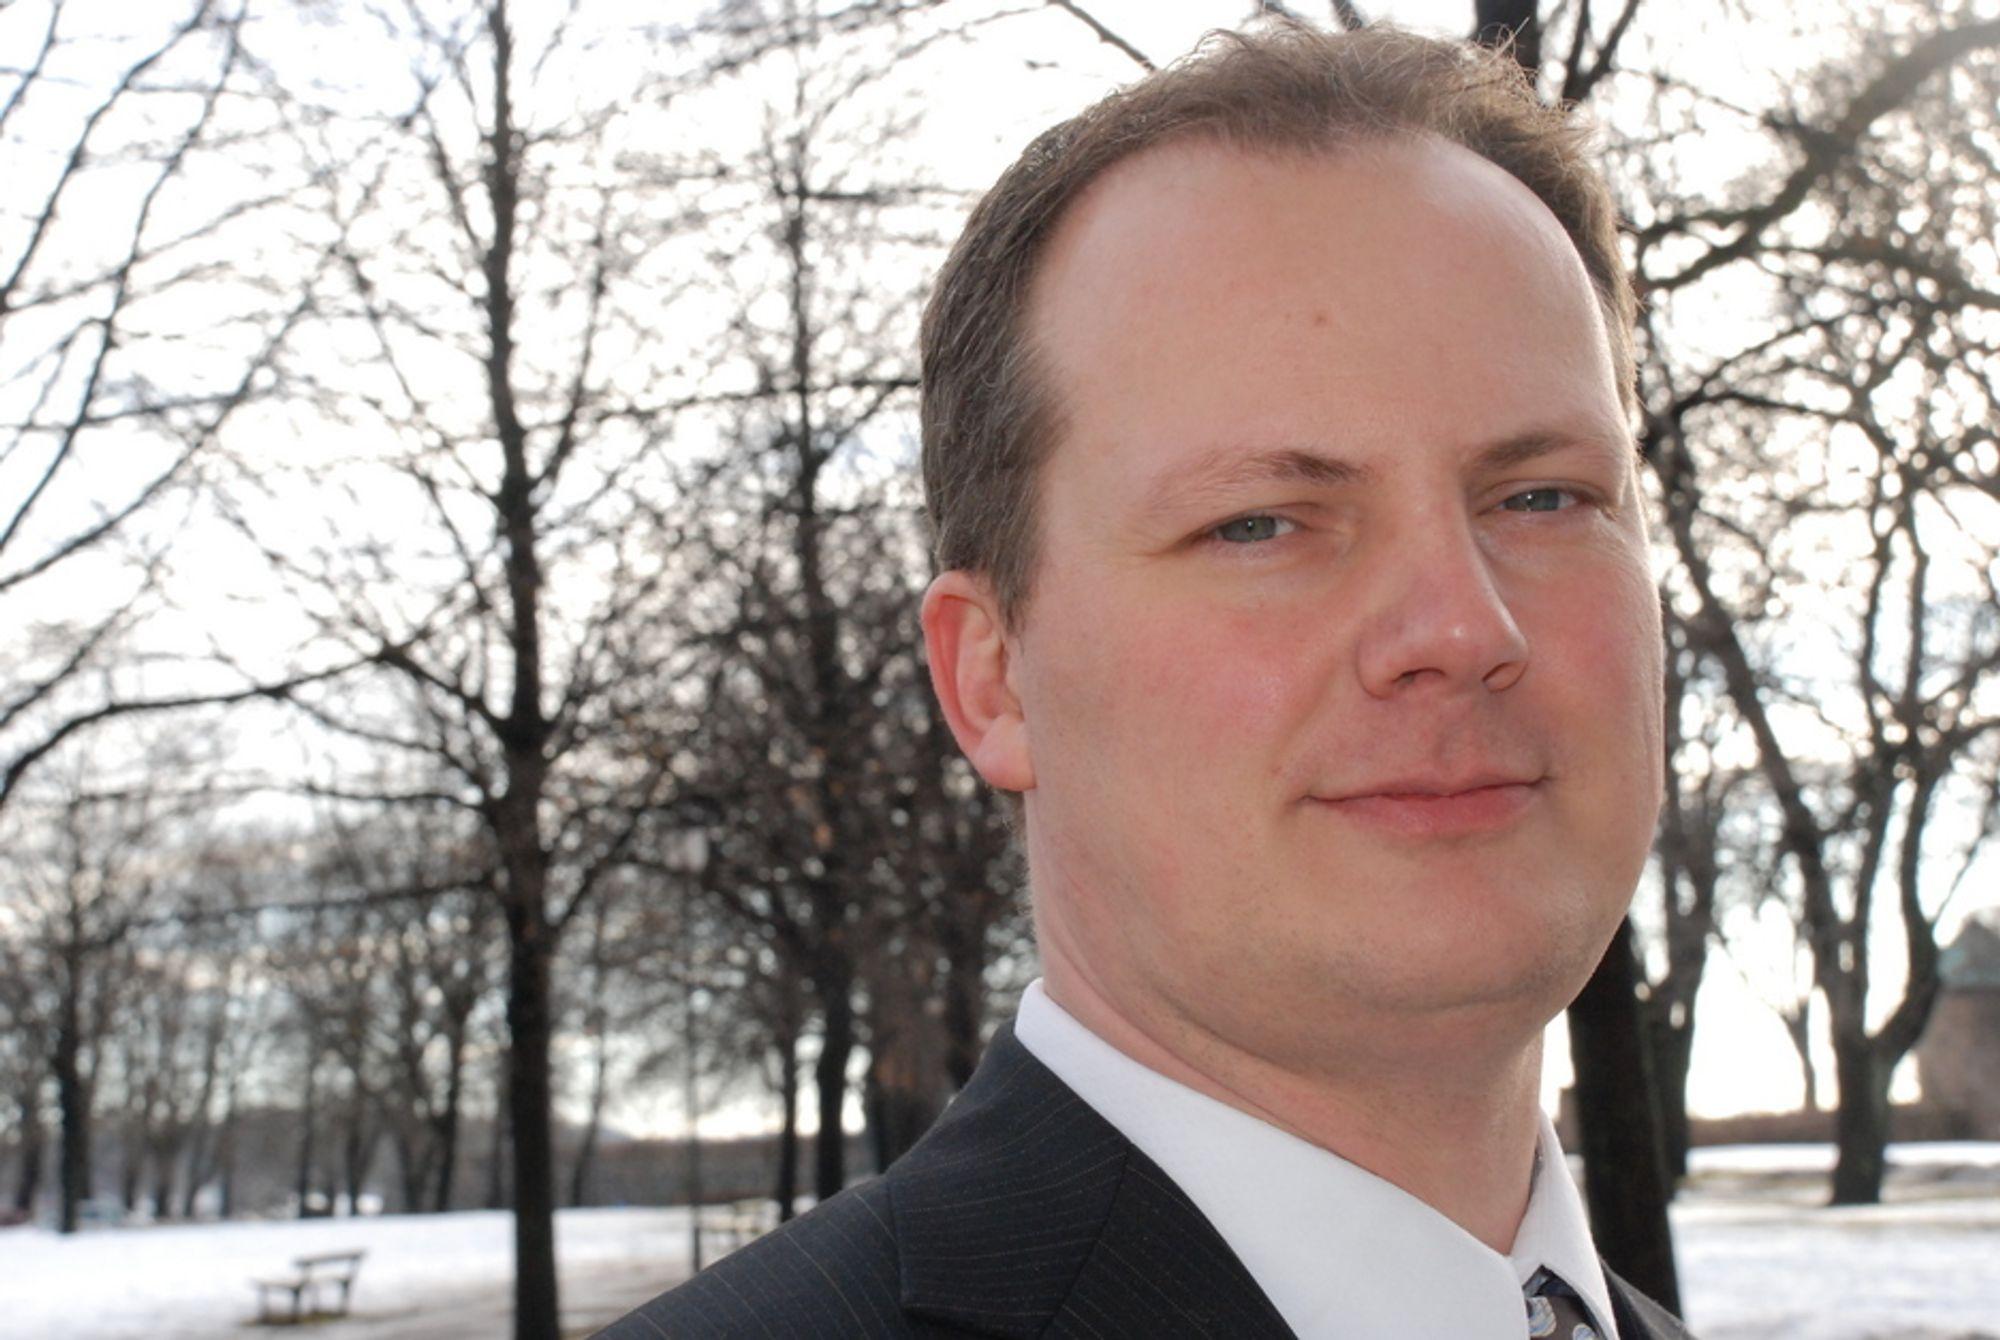 DÅRLIGE BETINGELSER: - Hydro har lenge hatt store investeringsplaner i Norge, men de politiske rammebetingelsene har gjort det stadig vanskeligere å gjennomføre dem, sier Solvik-Olsen.